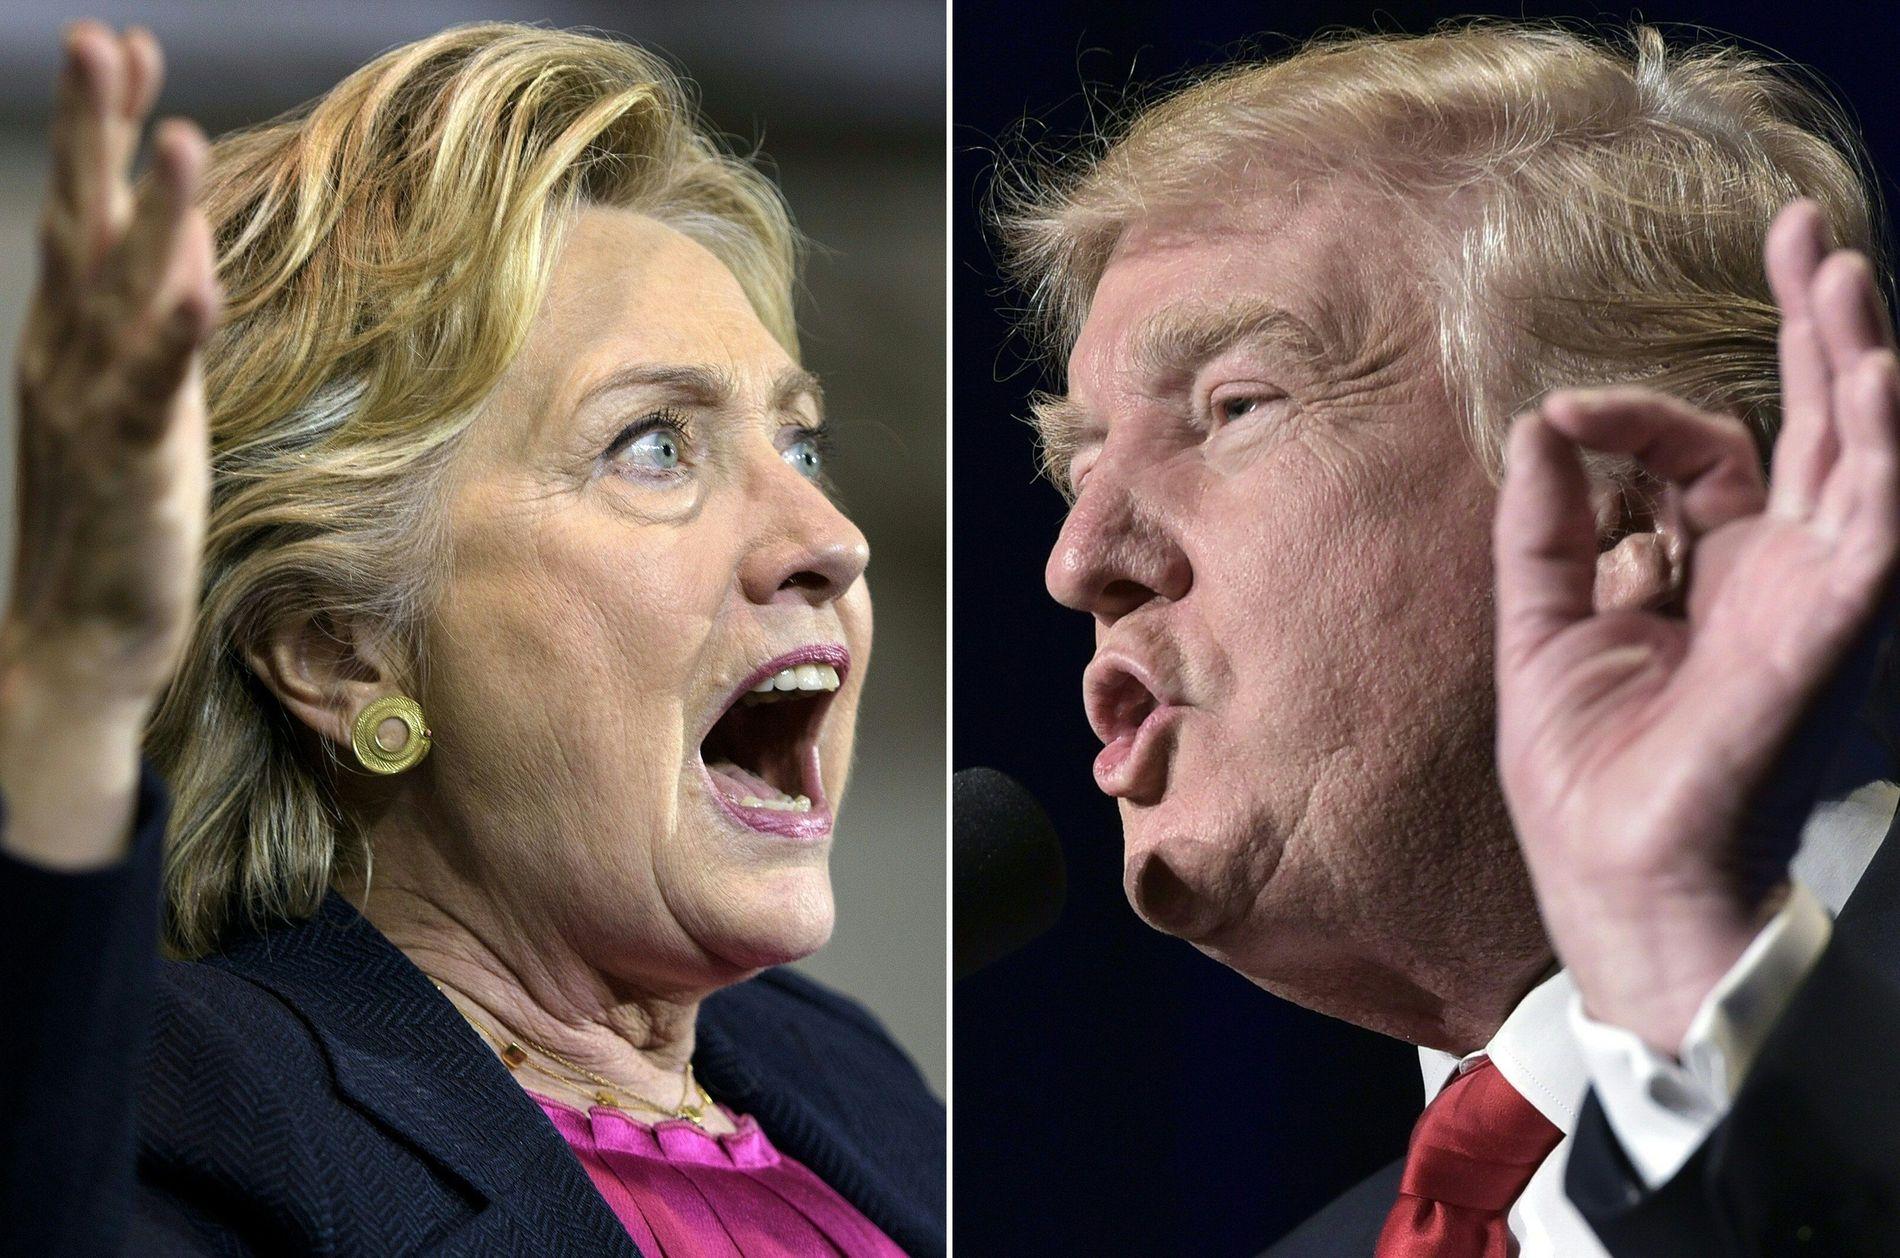 I TOTTENE PÅ HVERANDRE: Donald Trump og Hillary Clinton er fremdeles ikke bestevenner.